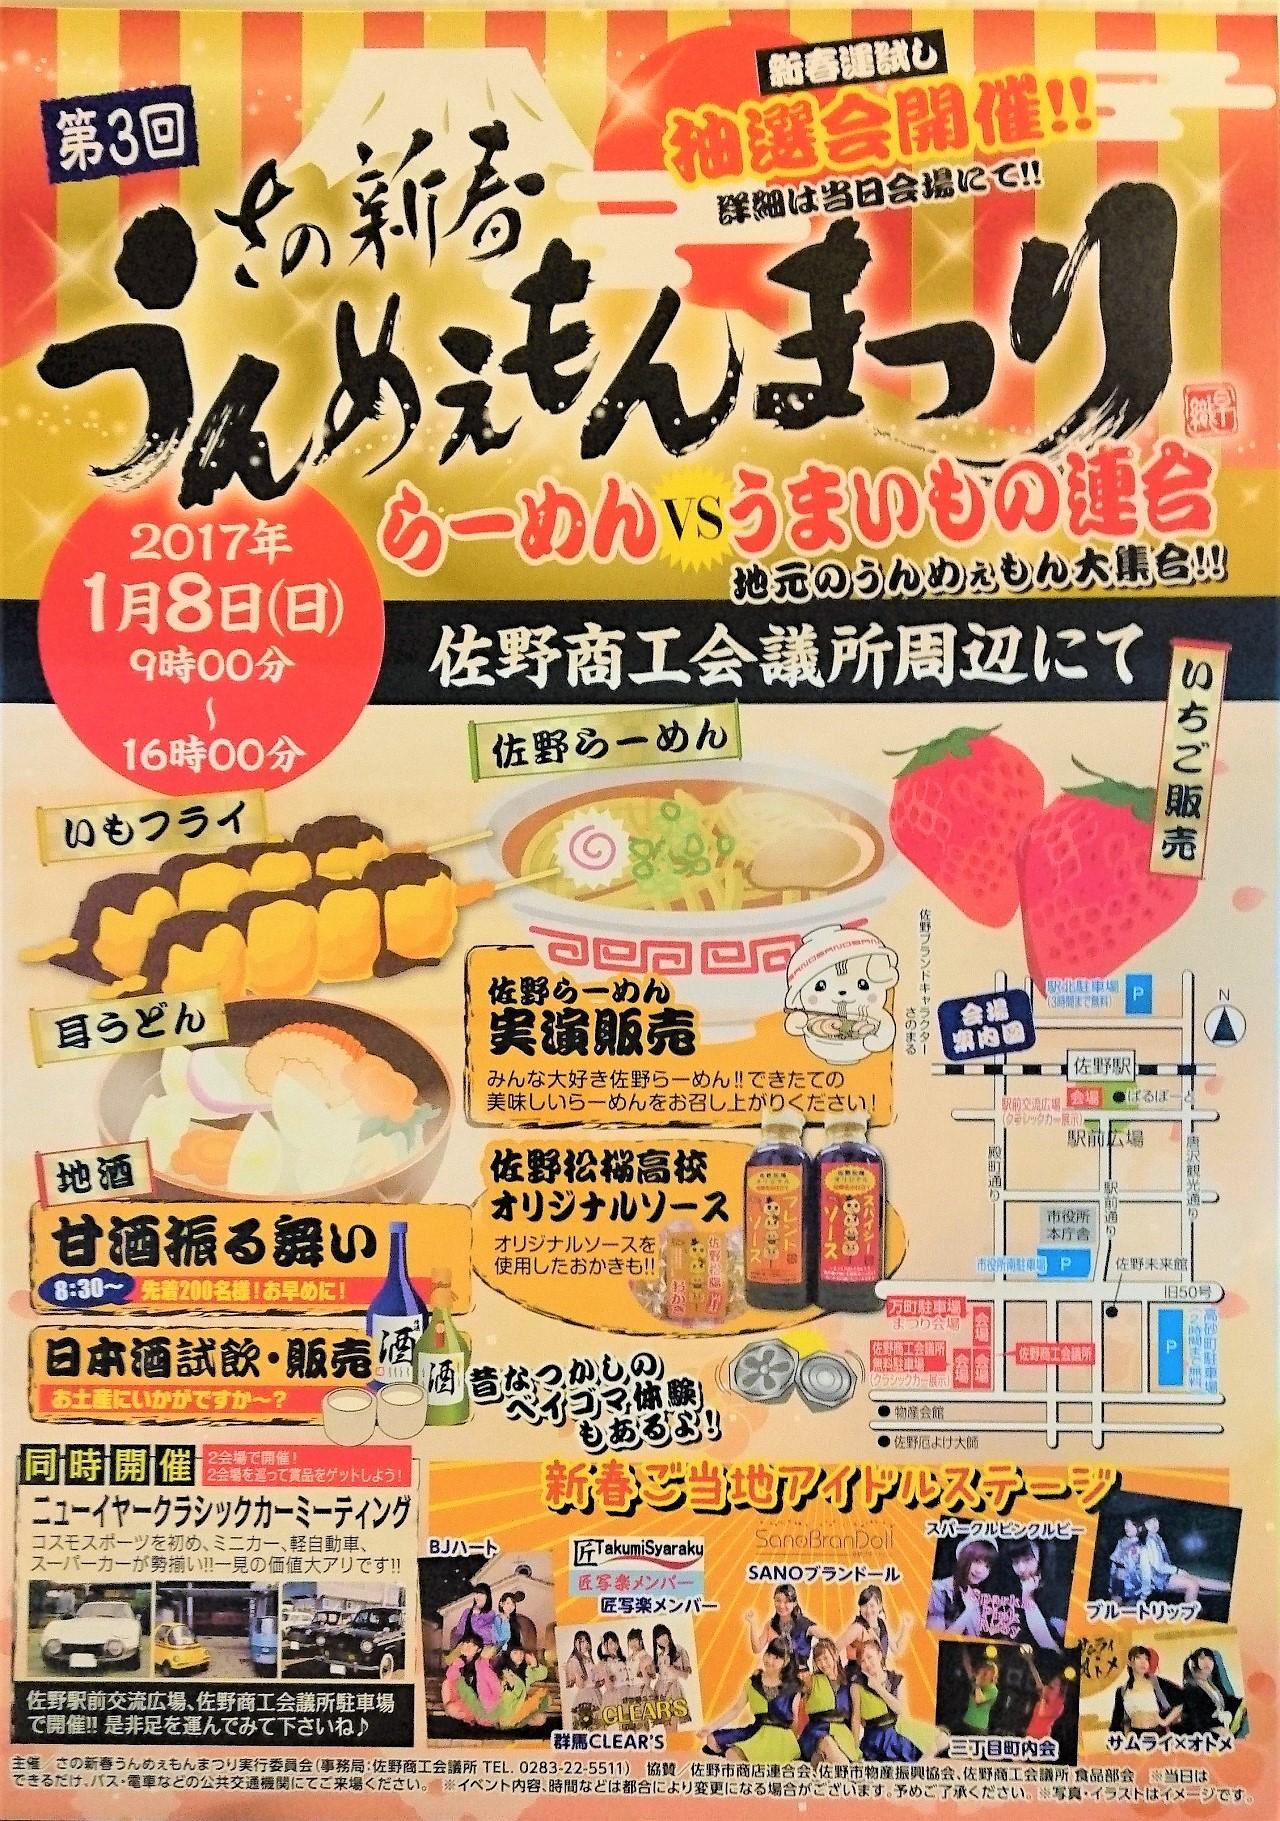 【佐野市】さの新春うんめえもん祭りが1月8日に開催されます